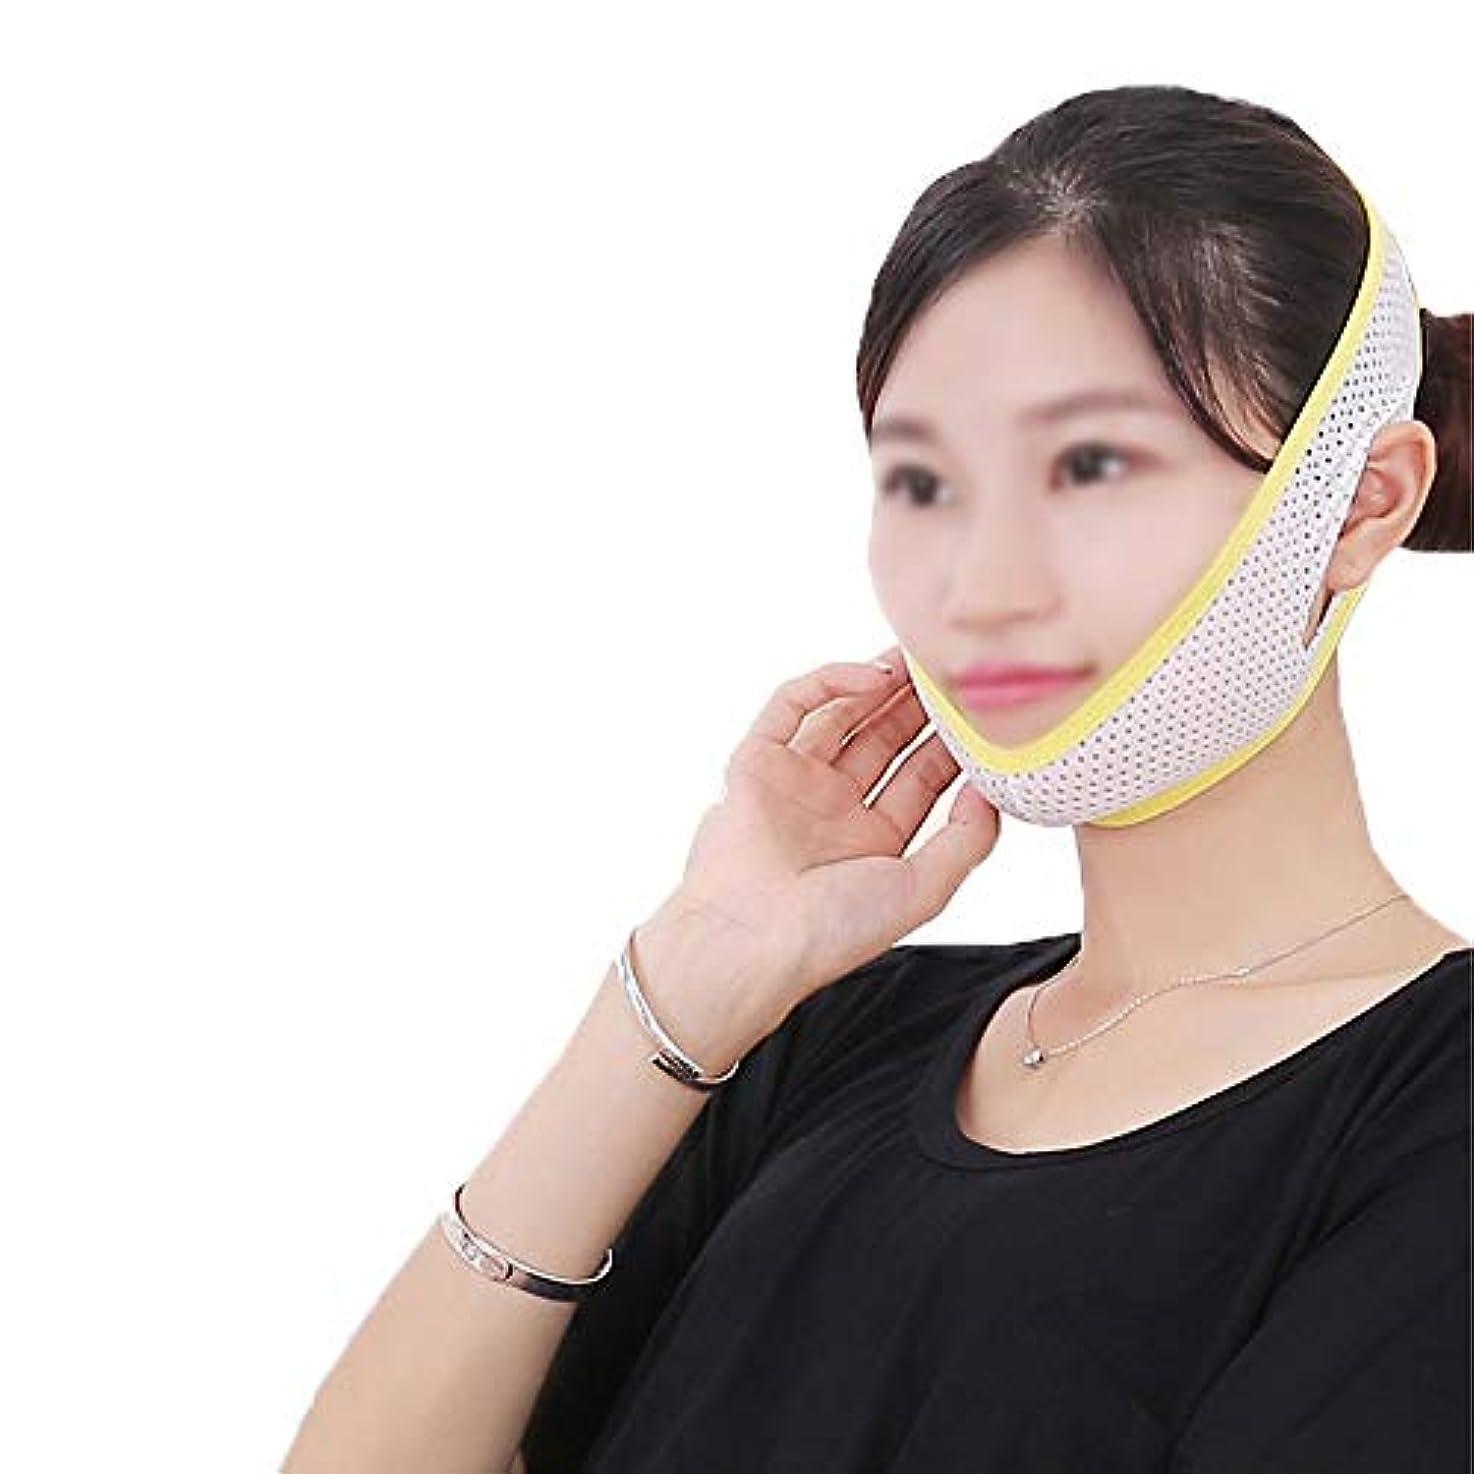 もろい数七面鳥GLJJQMY 顔と首リフト薄いフェイスマスク強力な薄いフェイスツール締め付け薄いフェイスマスクアーティファクト薄いフェイス包帯薄い顔デバイス 顔用整形マスク (Size : M)